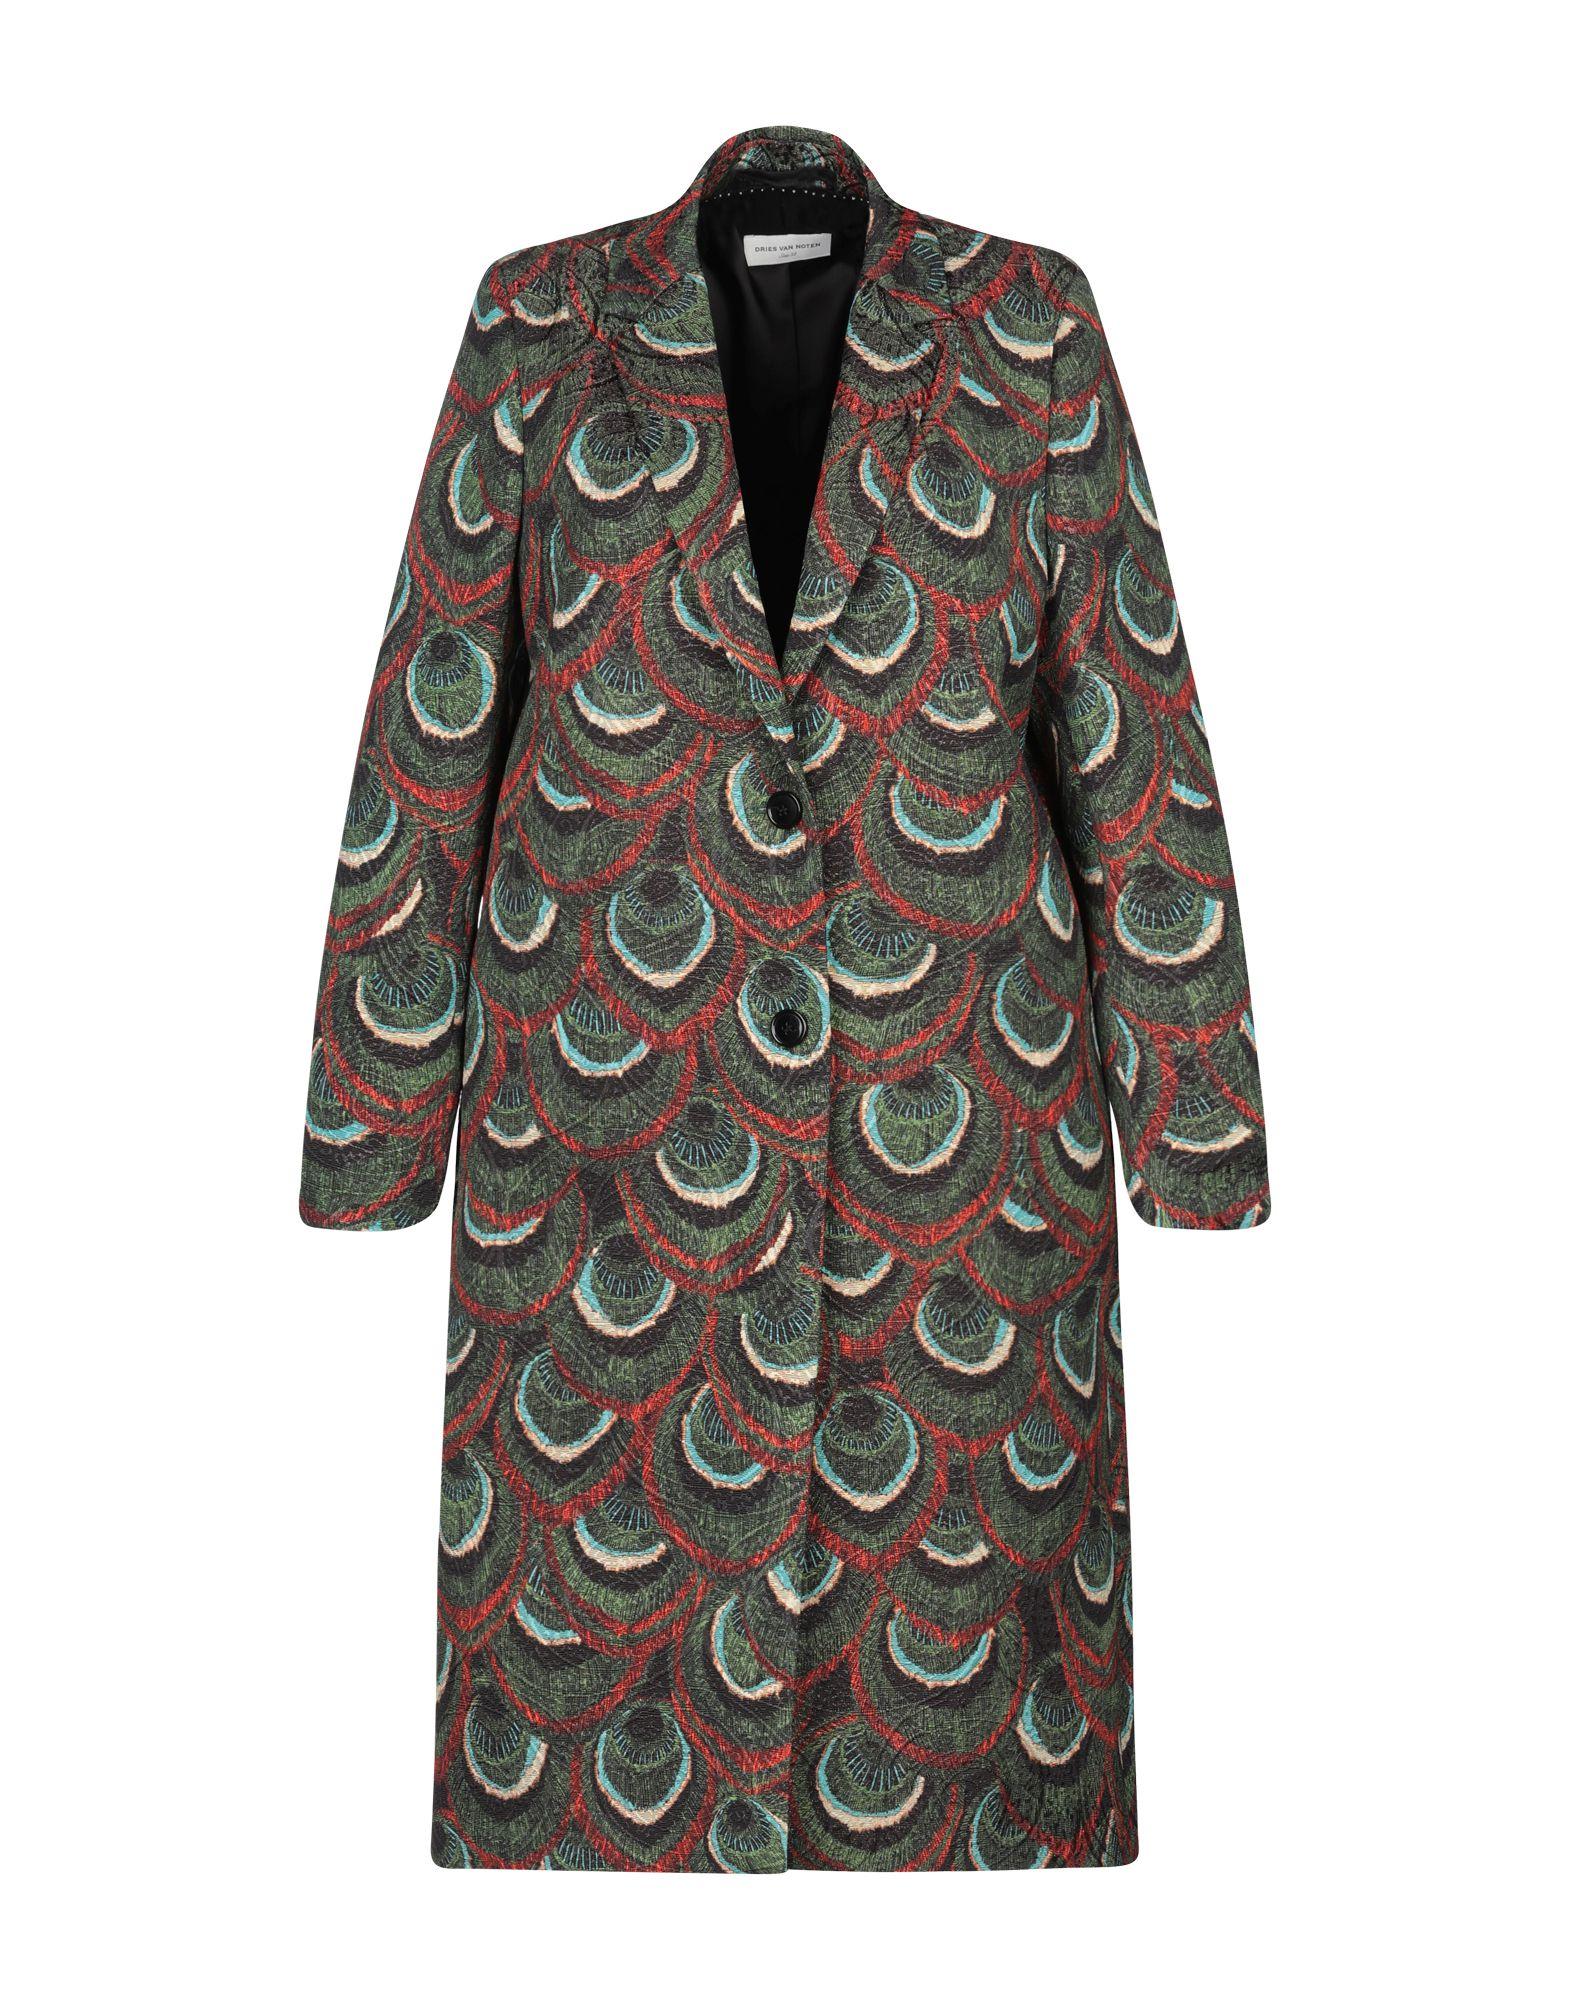 Cappotti donna online  cappotti eleganti 1f341c21636